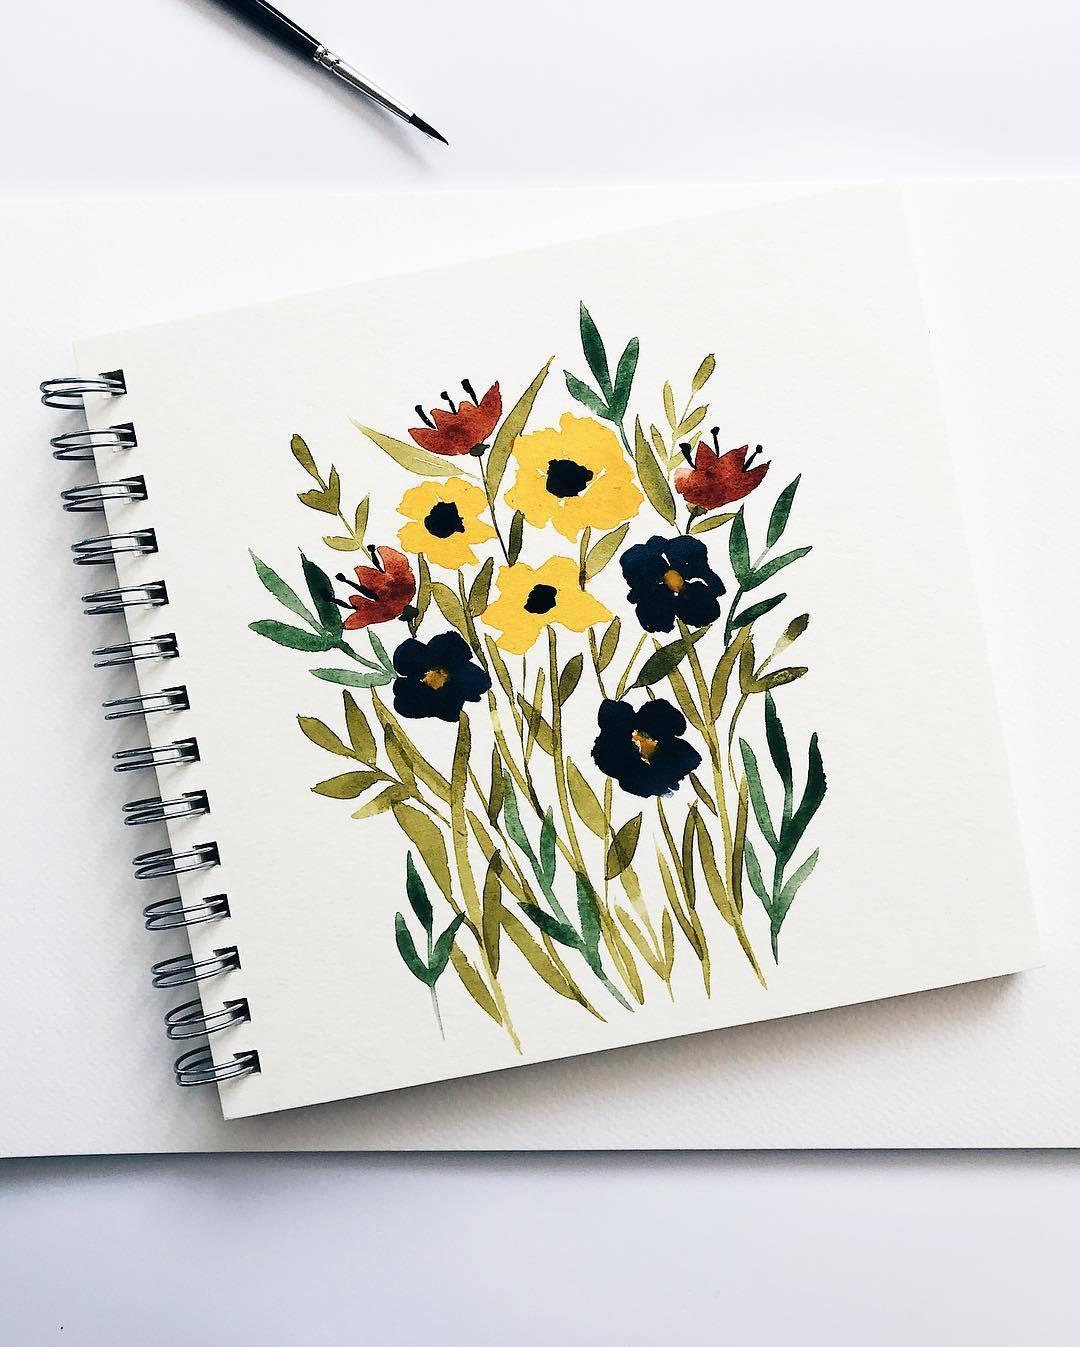 水彩手绘植物素材书签,手帐必备哦~作者ins:alex.illustrates